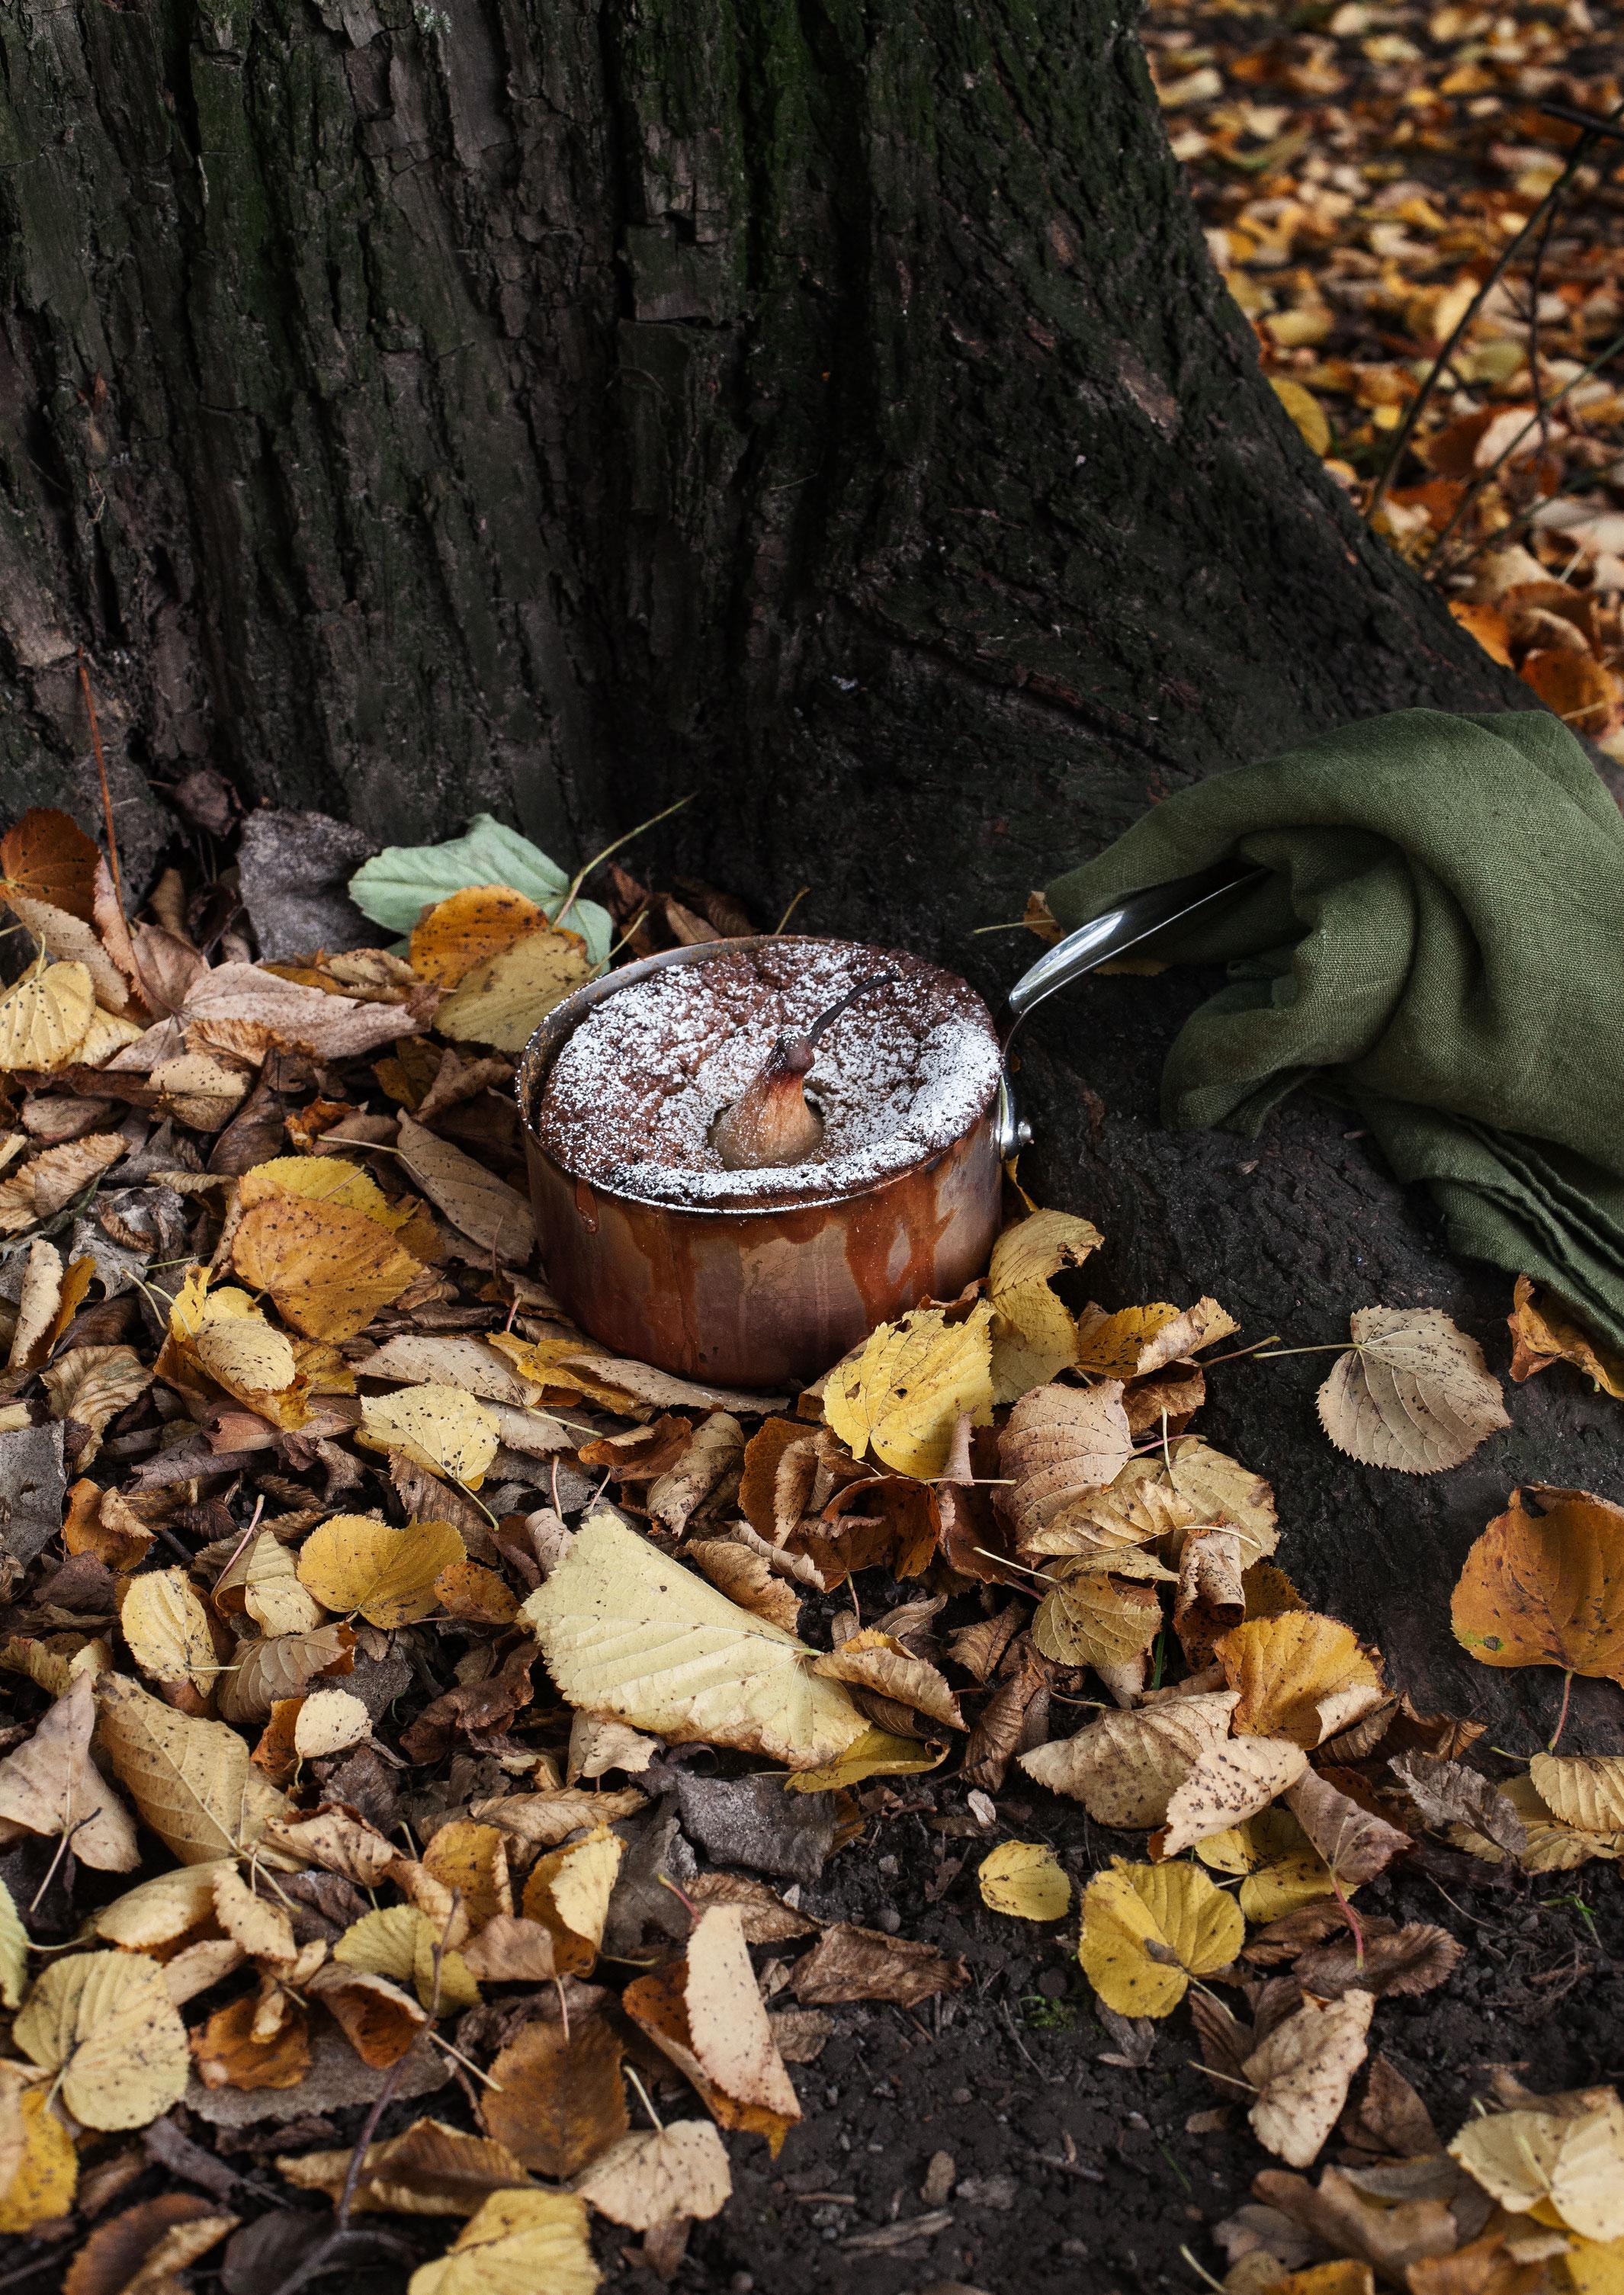 Pastinaken-Apfelkuchen-im-Kupfertopf-gebackenIMG_6247